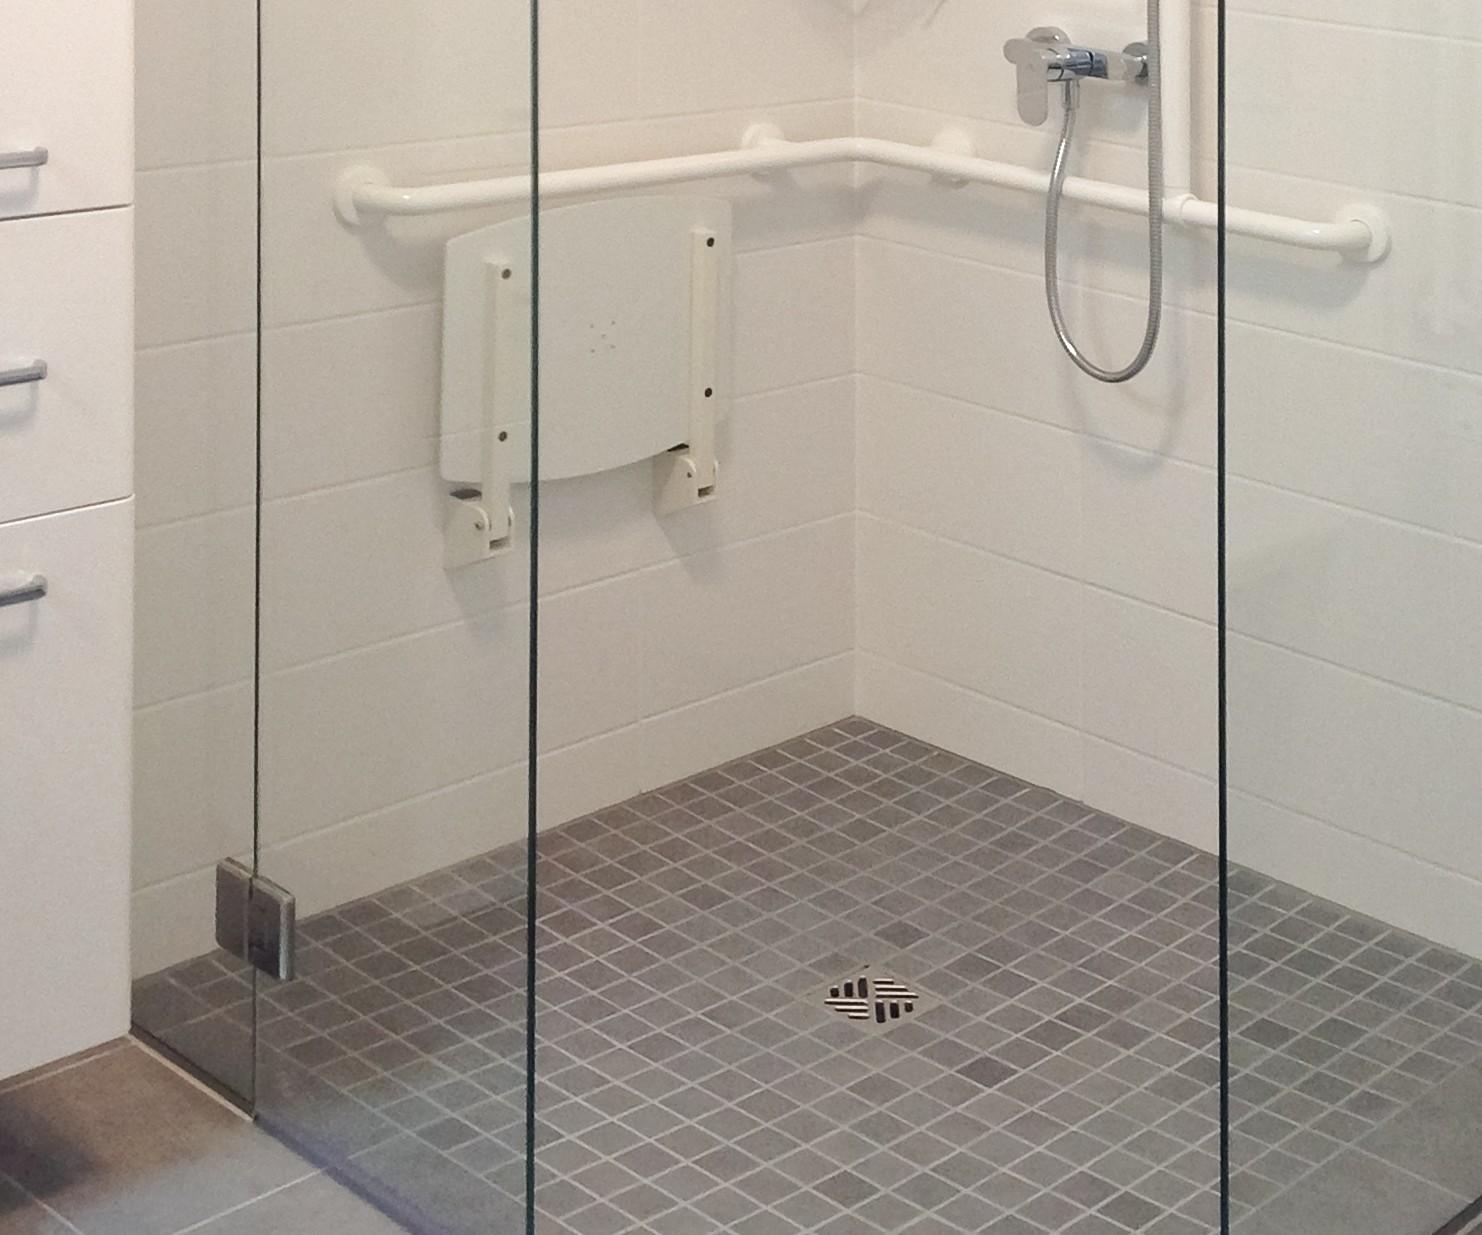 Full Size of Begehbare Dusche Fliesen Bodengleiche Duschen Bei Glasprofi24 Kaufen Badewanne Barrierefreie Fürs Bad Nachträglich Einbauen Bluetooth Lautsprecher Für Dusche Begehbare Dusche Fliesen